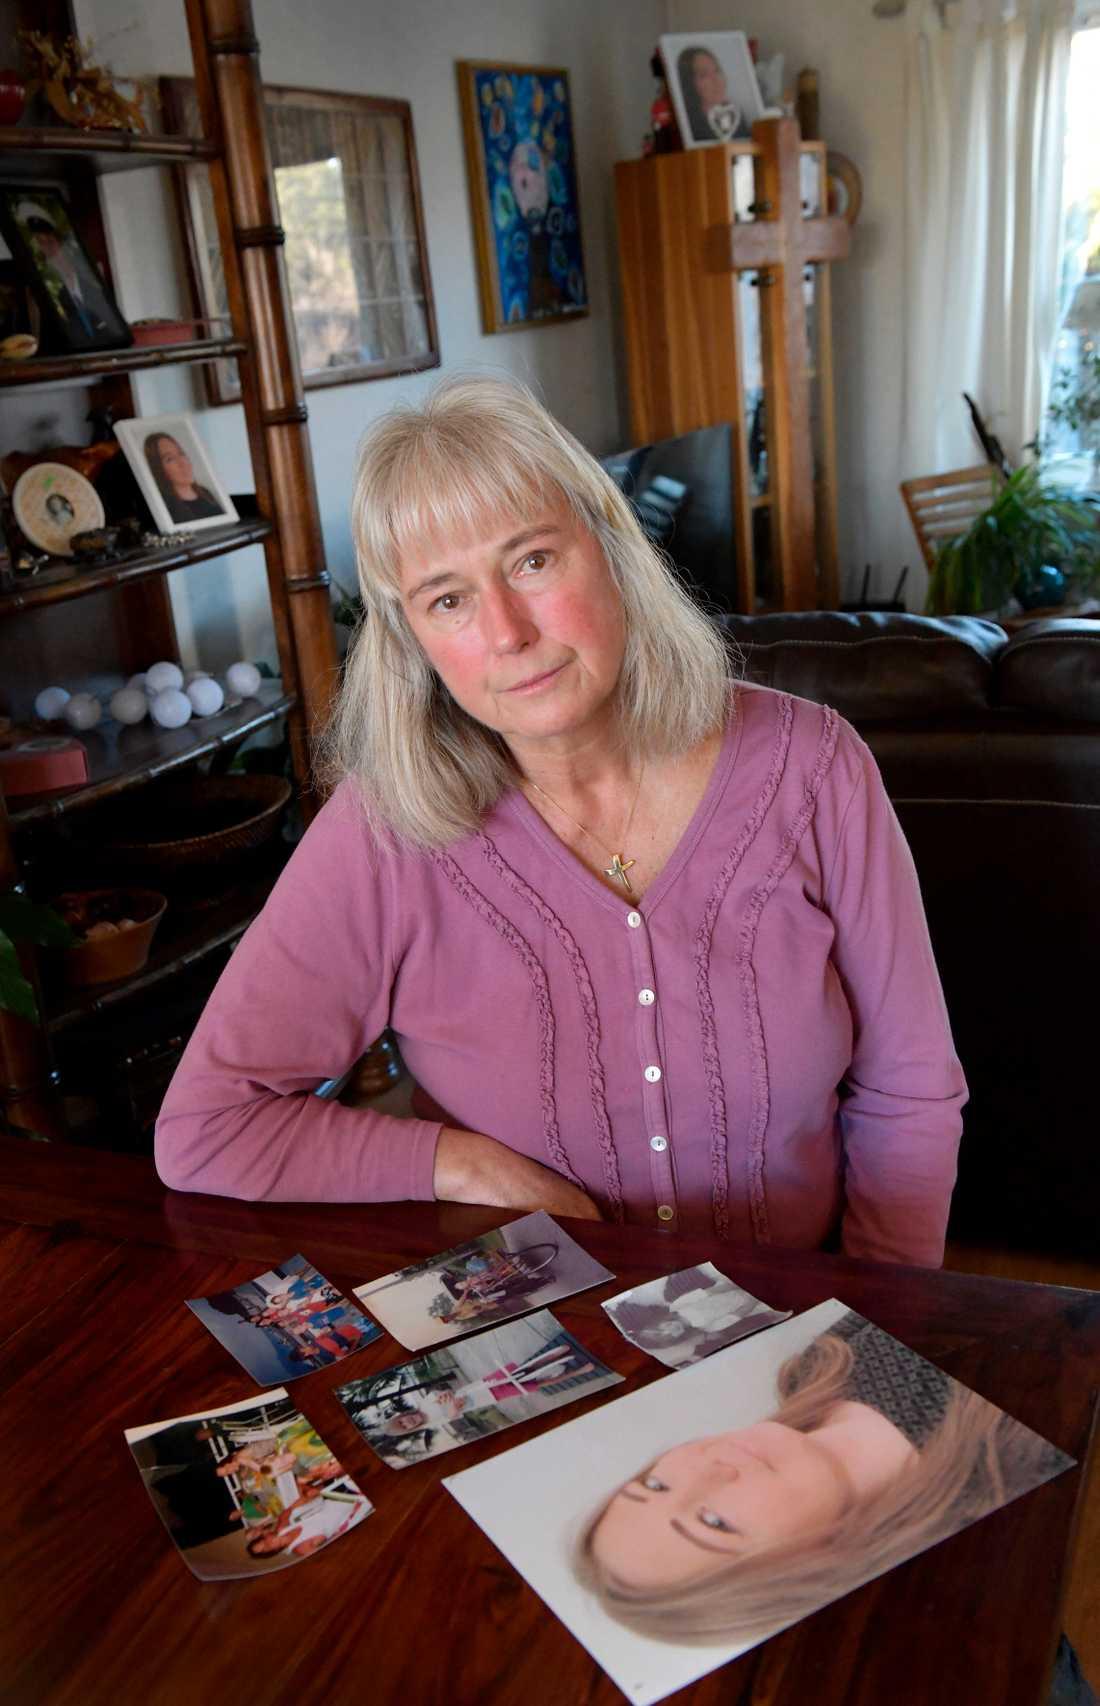 """Isabell Tomlinsons dotter Nicole tog sitt liv inne på den rättspsykiatriska kliniken Brinkåsen i Vänersborg. """"Ingen som är så ung ska behöva dö"""", säger hon."""